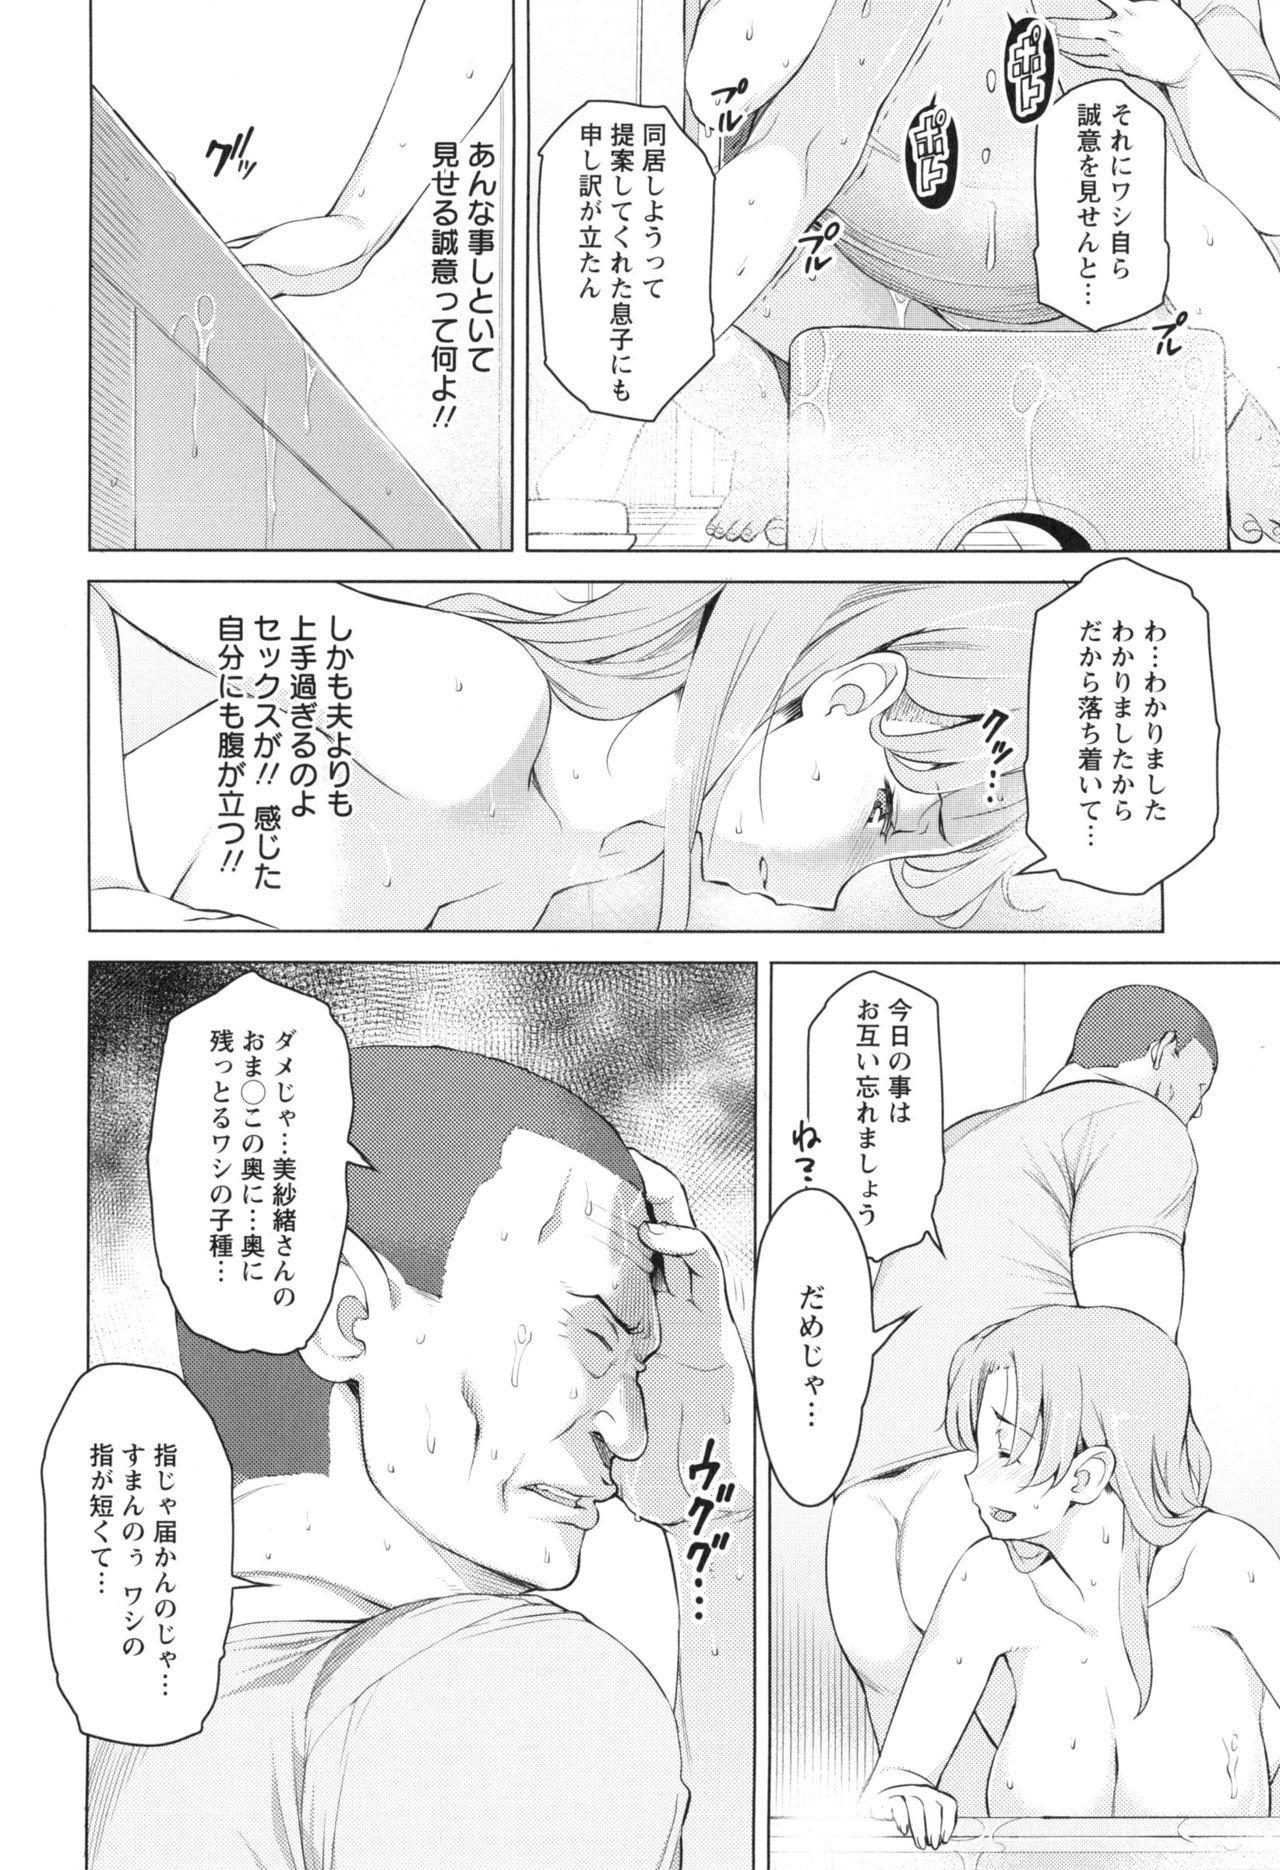 Saishoku Inbi 22